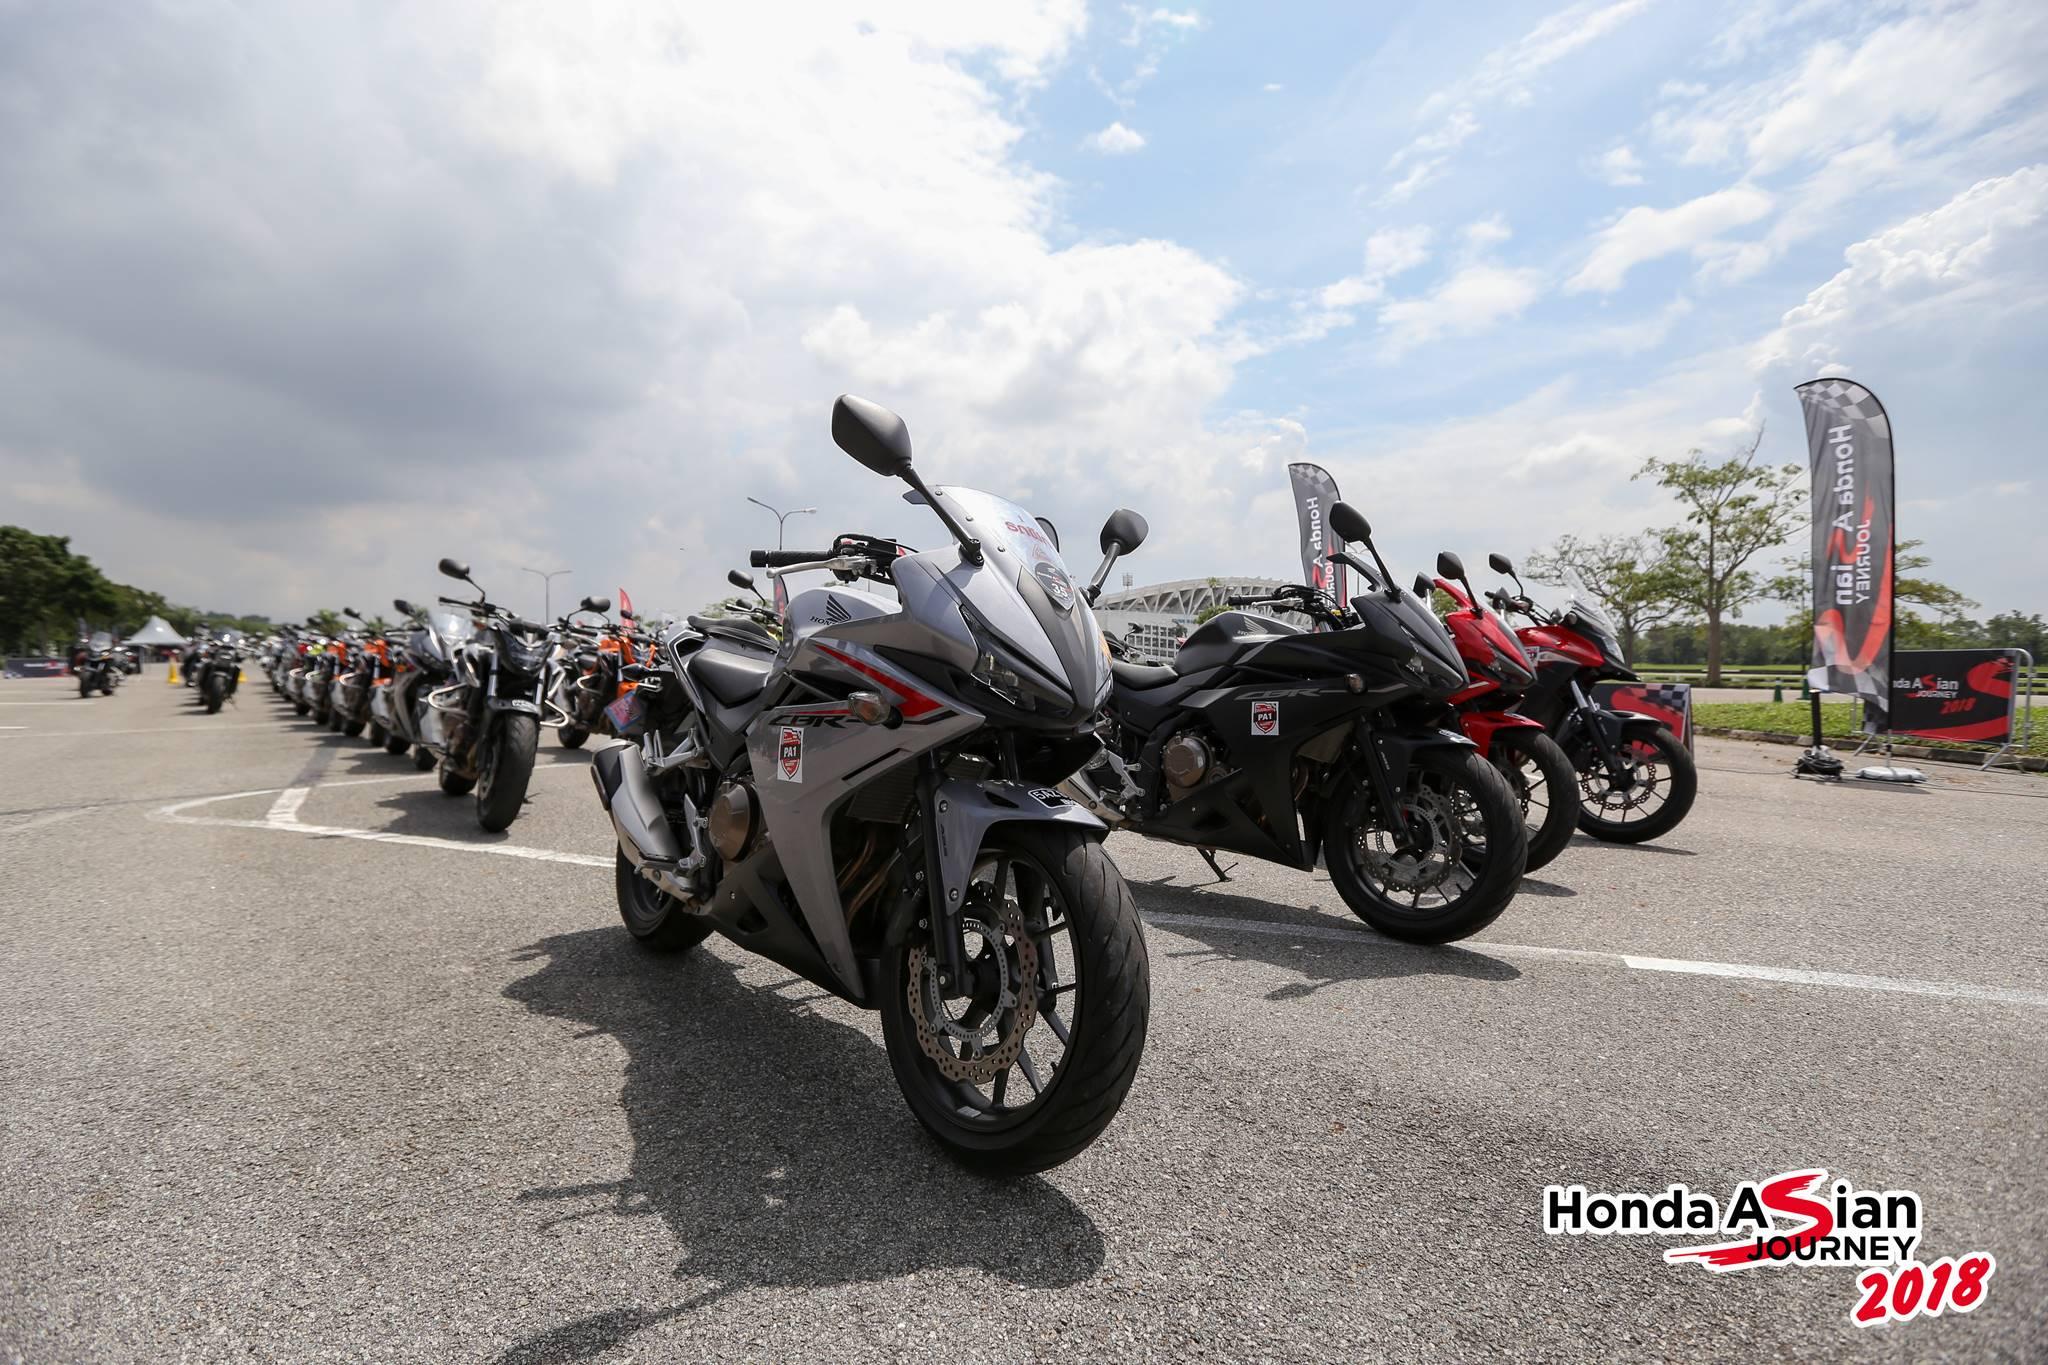 honda-asian-journey-2018-xe-tinhte-014.jpg